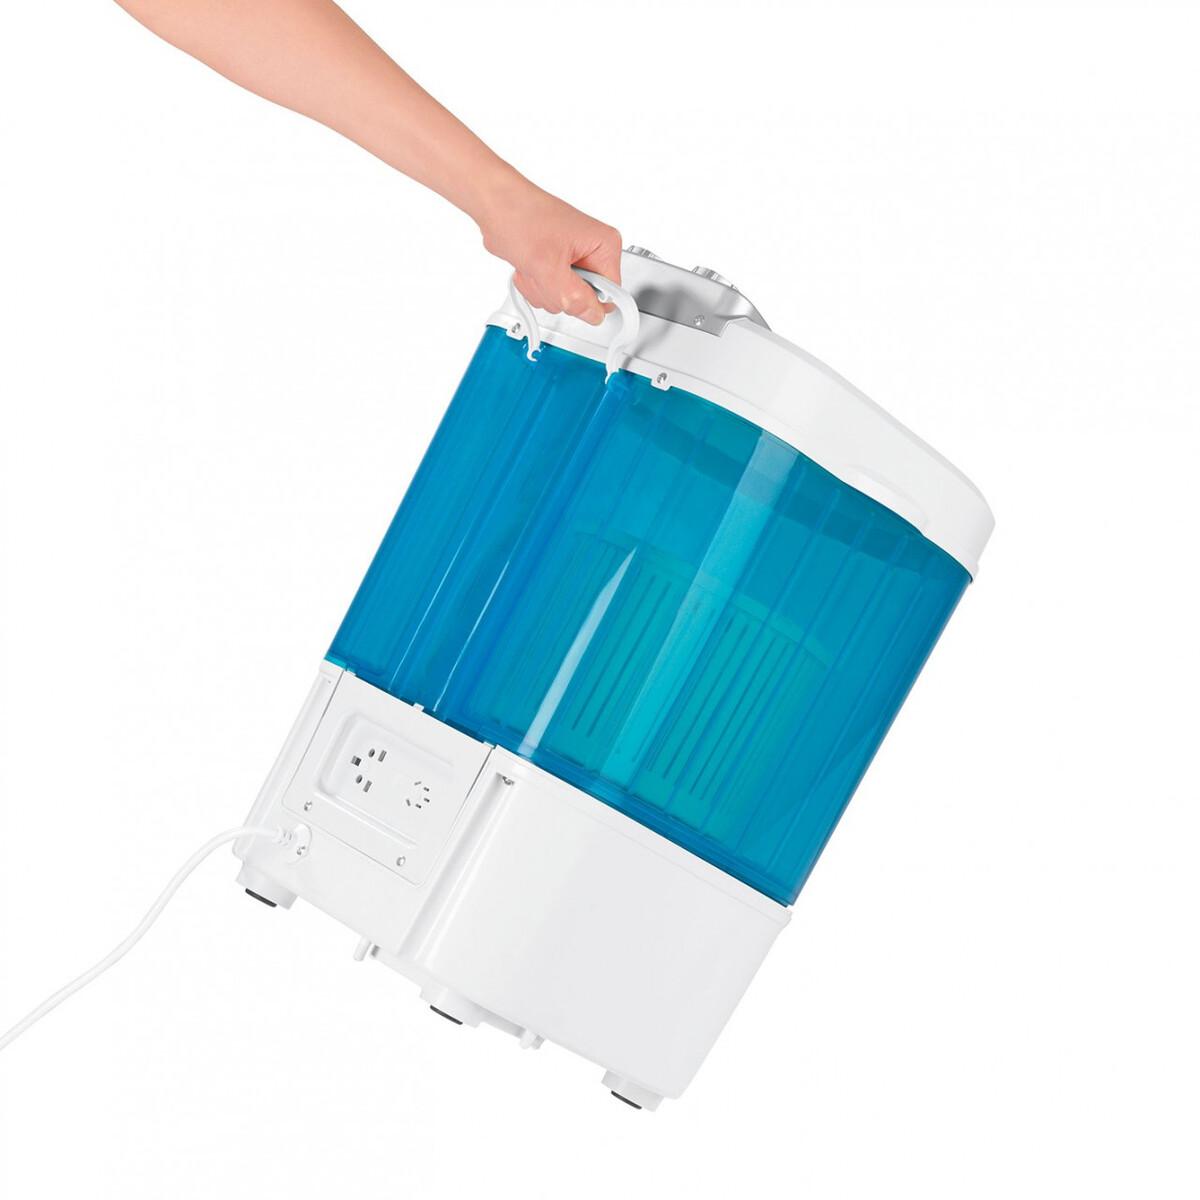 Bild 4 von EASYmaxx Mini-Waschmaschine